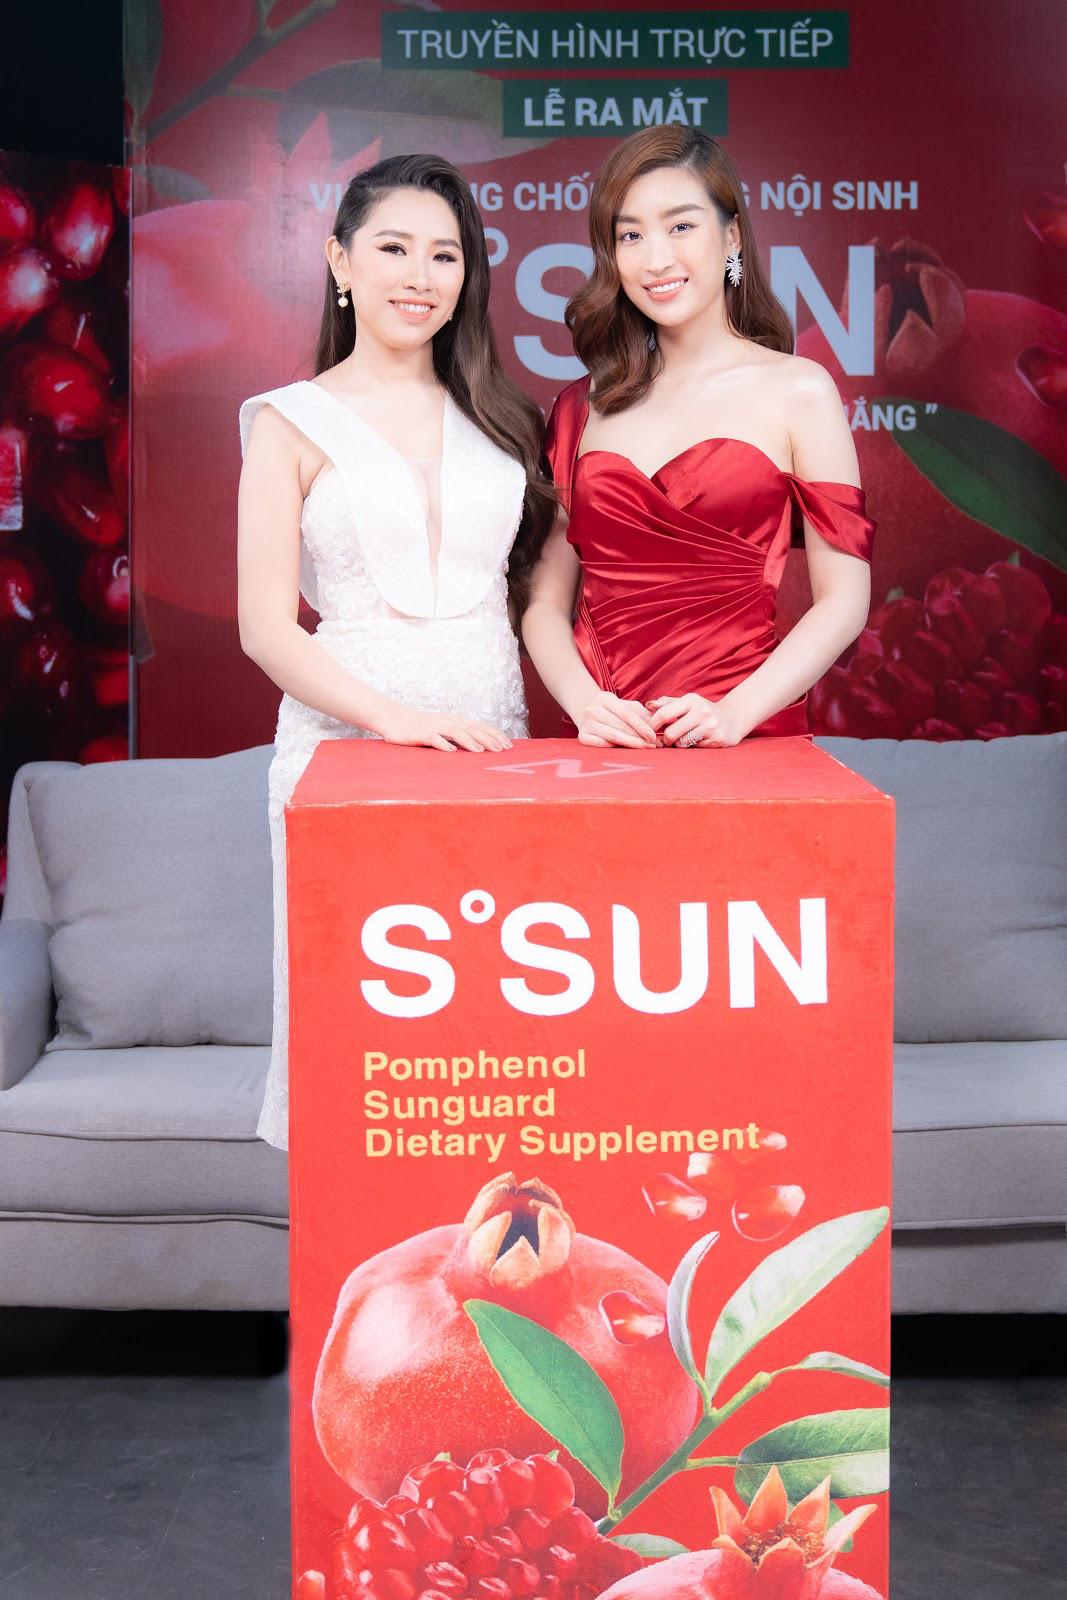 CEO Hoàng Tuyết Mai rạng rỡ trong buổi ra mắt sản phẩm chăm sóc sắc đẹp mới - Ảnh 2.